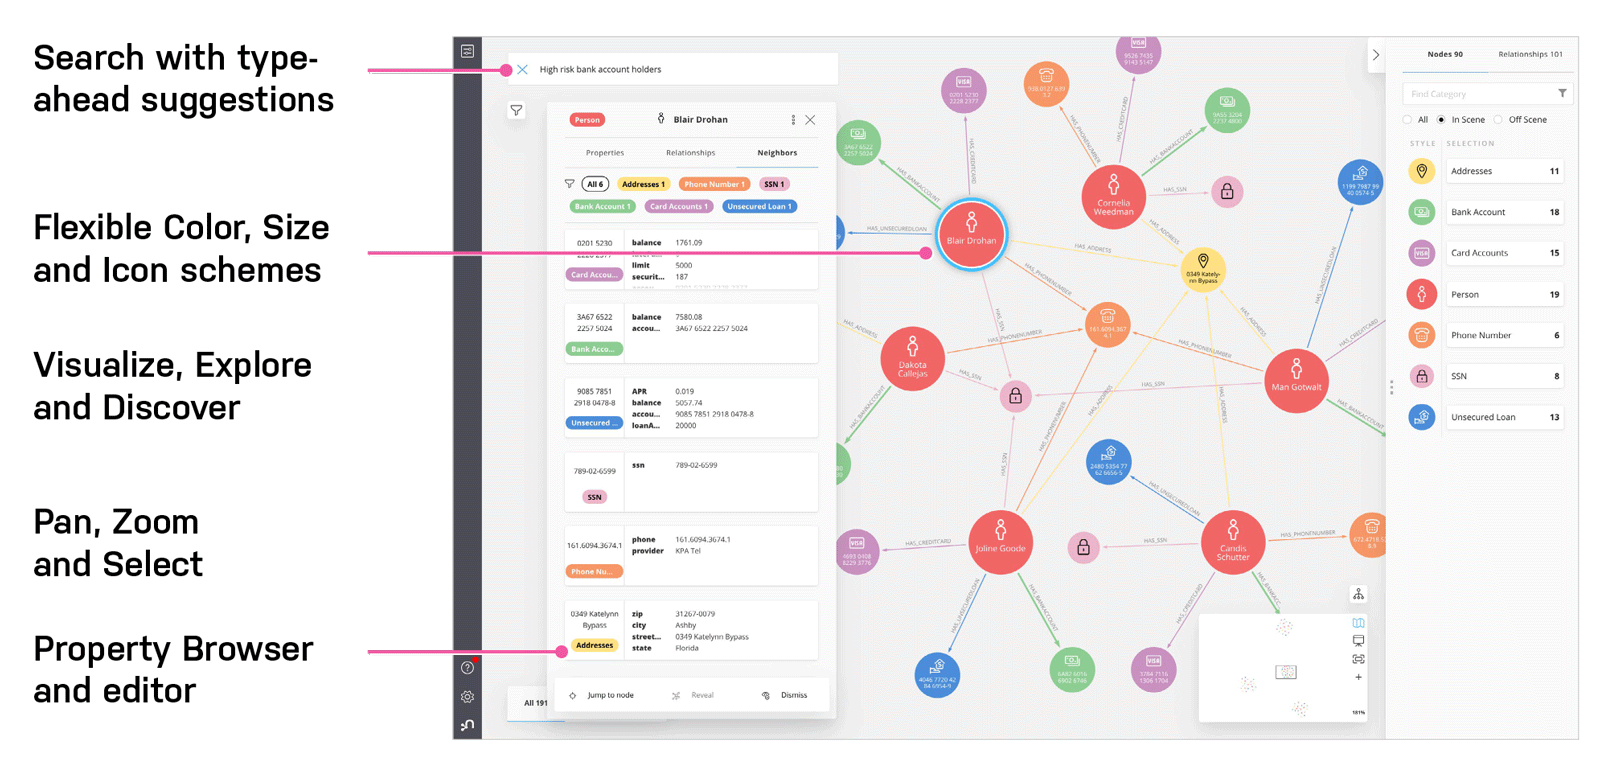 Neo4j Bloom explores high risk accounts